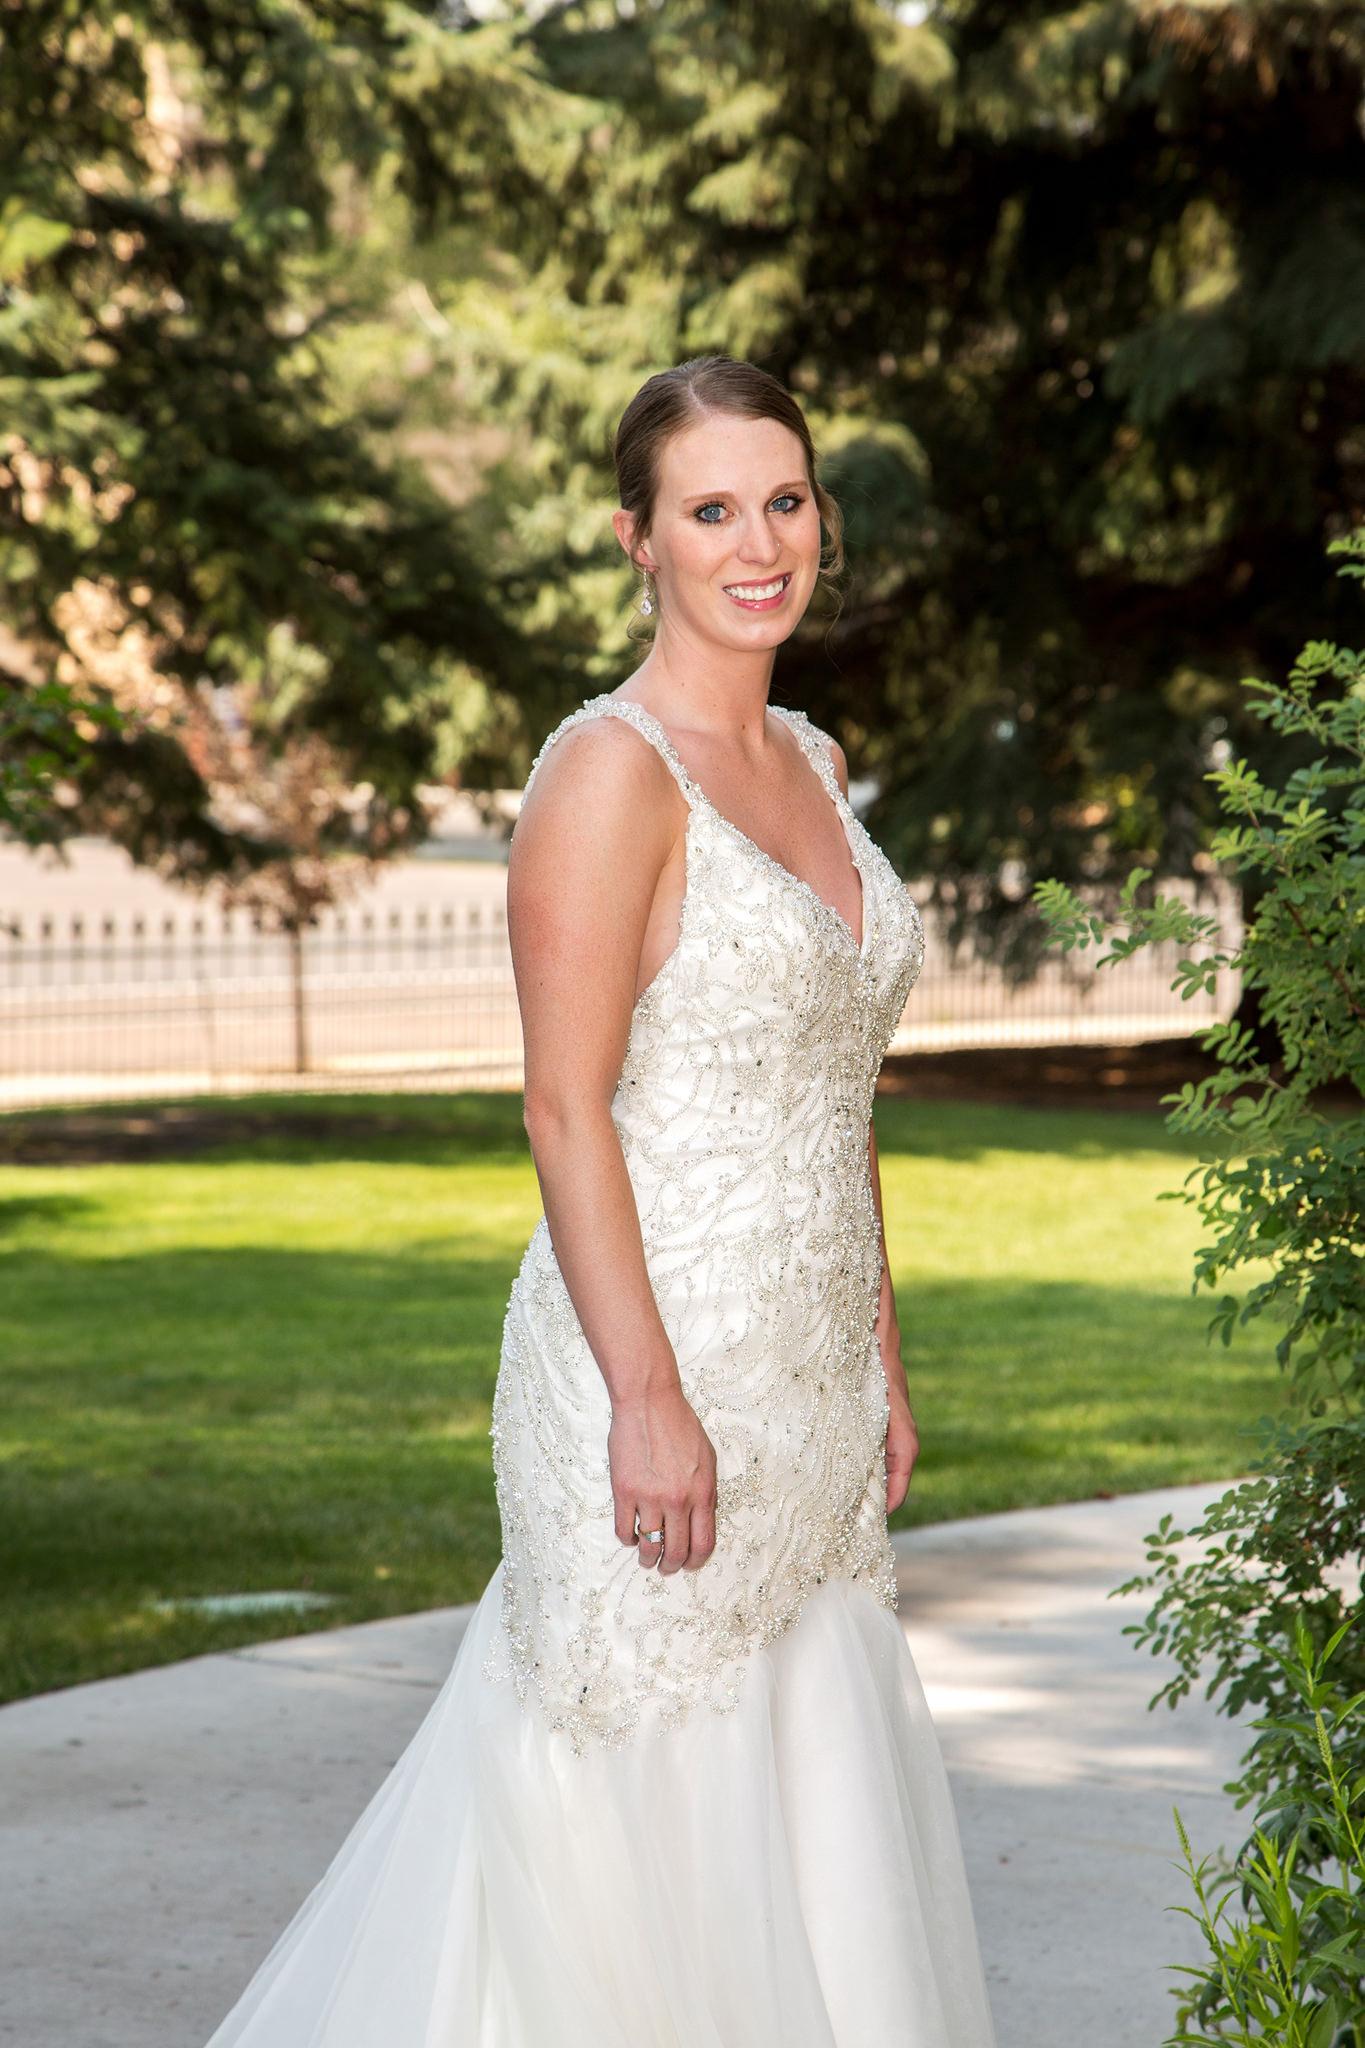 marchese_wedding_095 copy